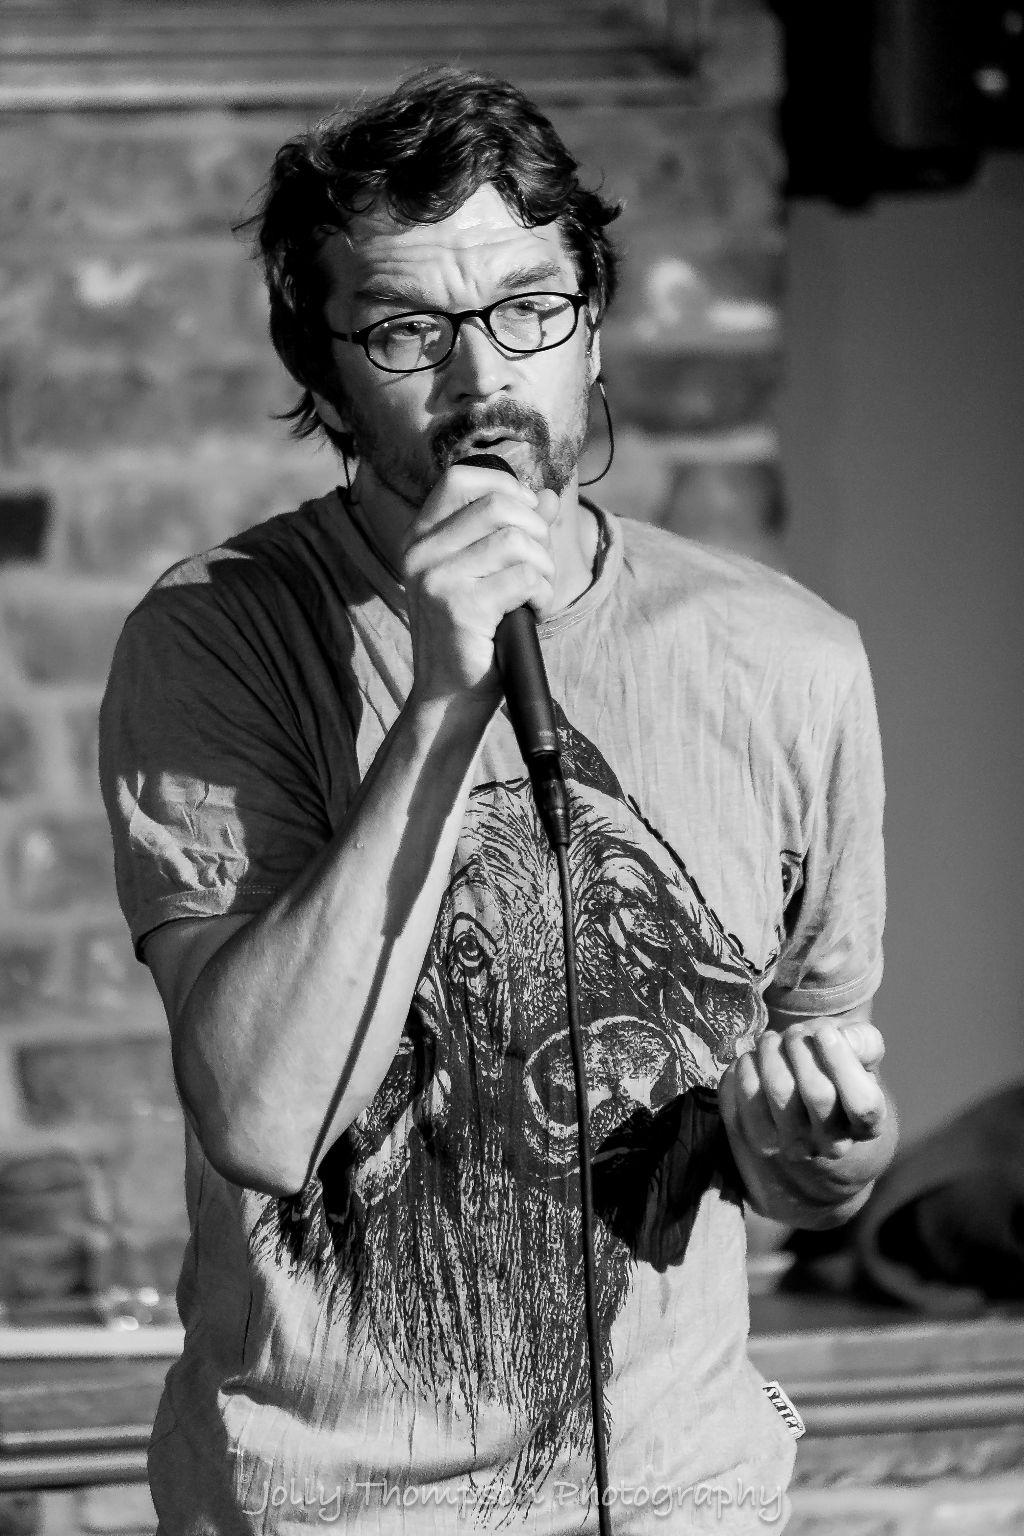 singer Dan Barta